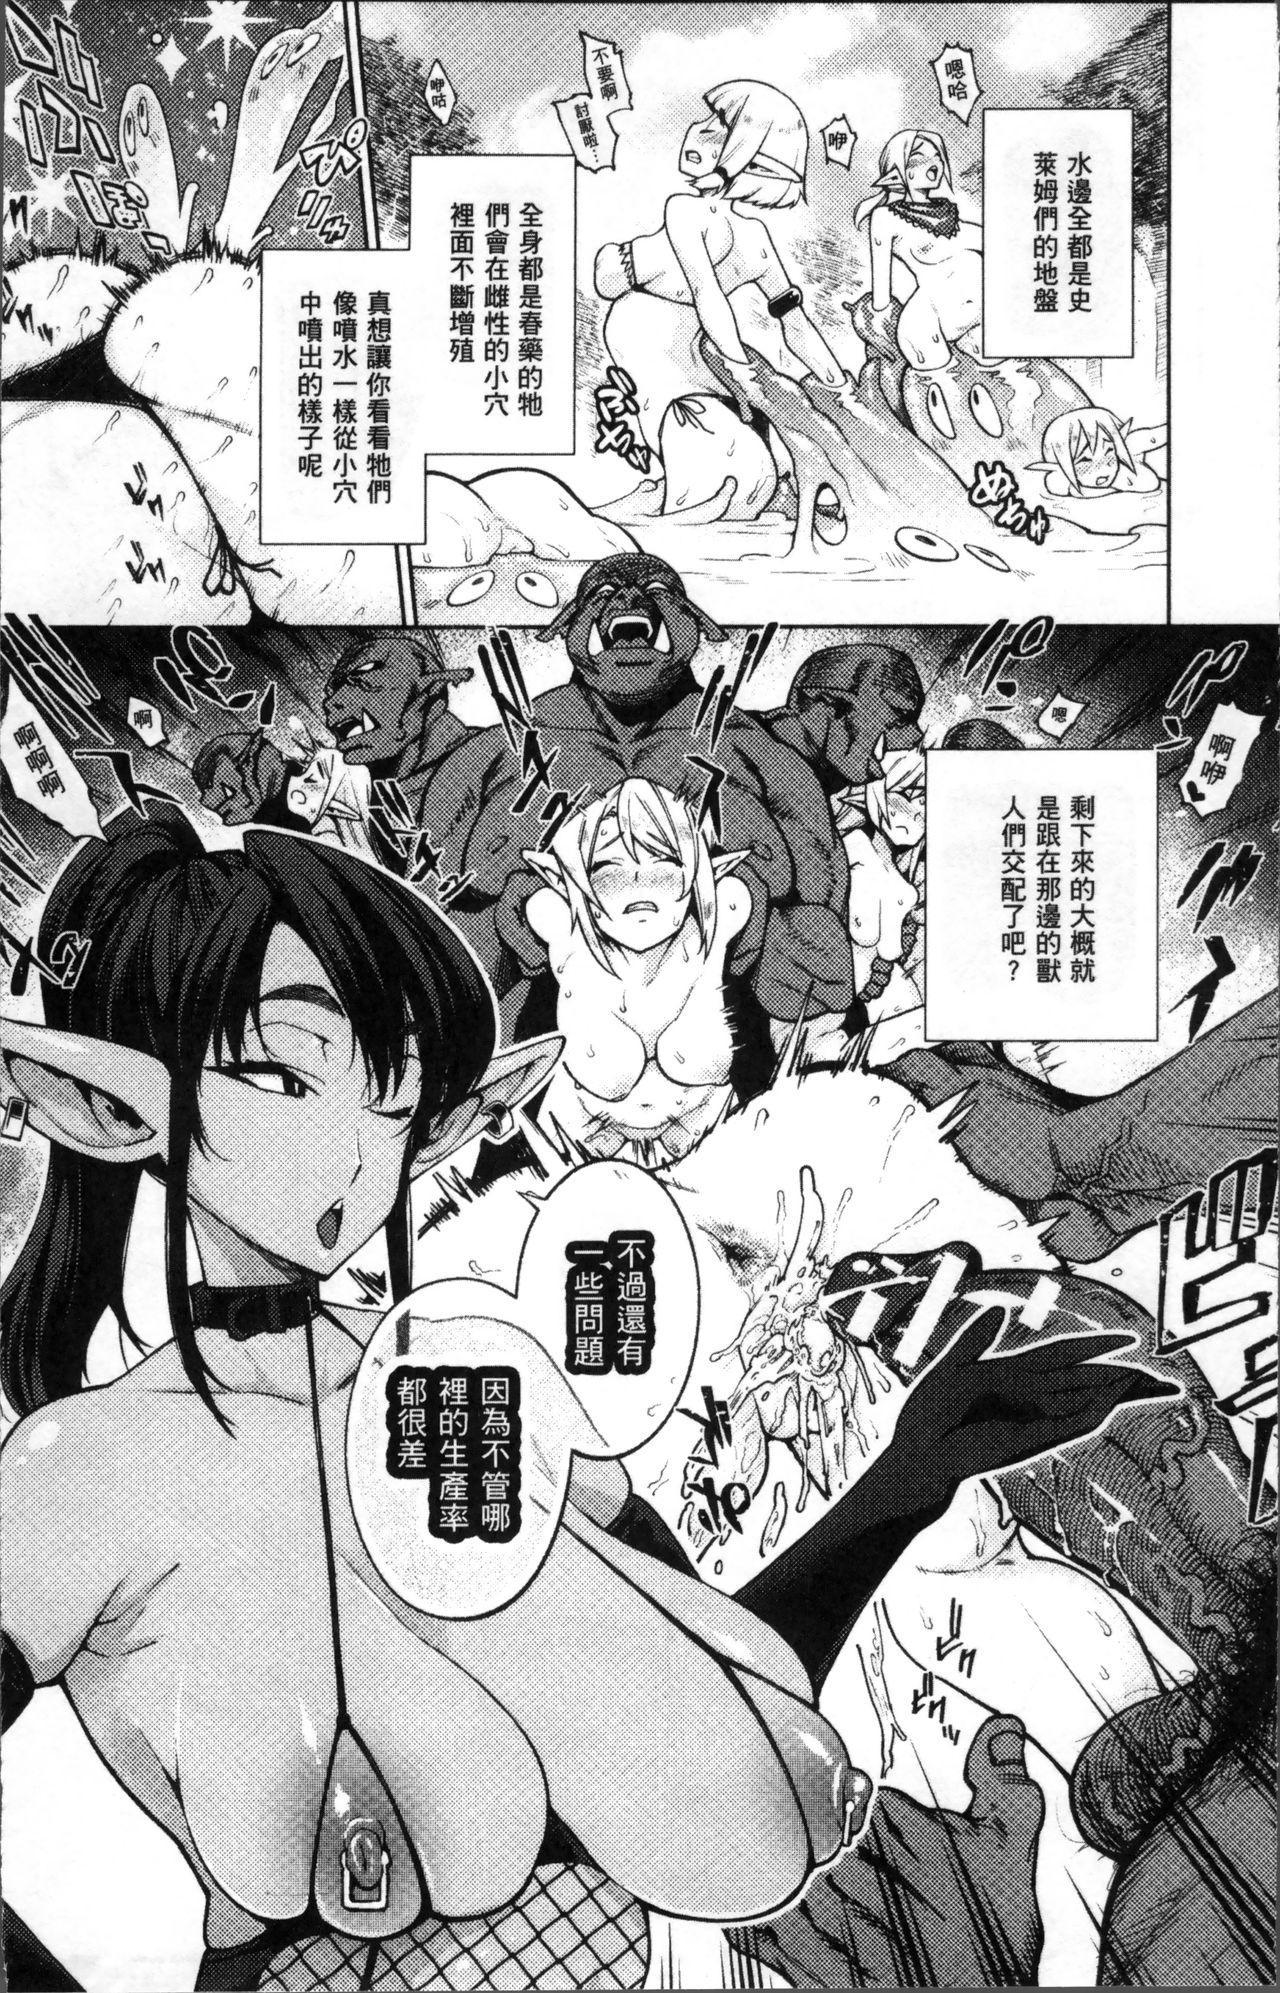 Bessatsu Comic Unreal Ningen Bokujou Hen 4 64